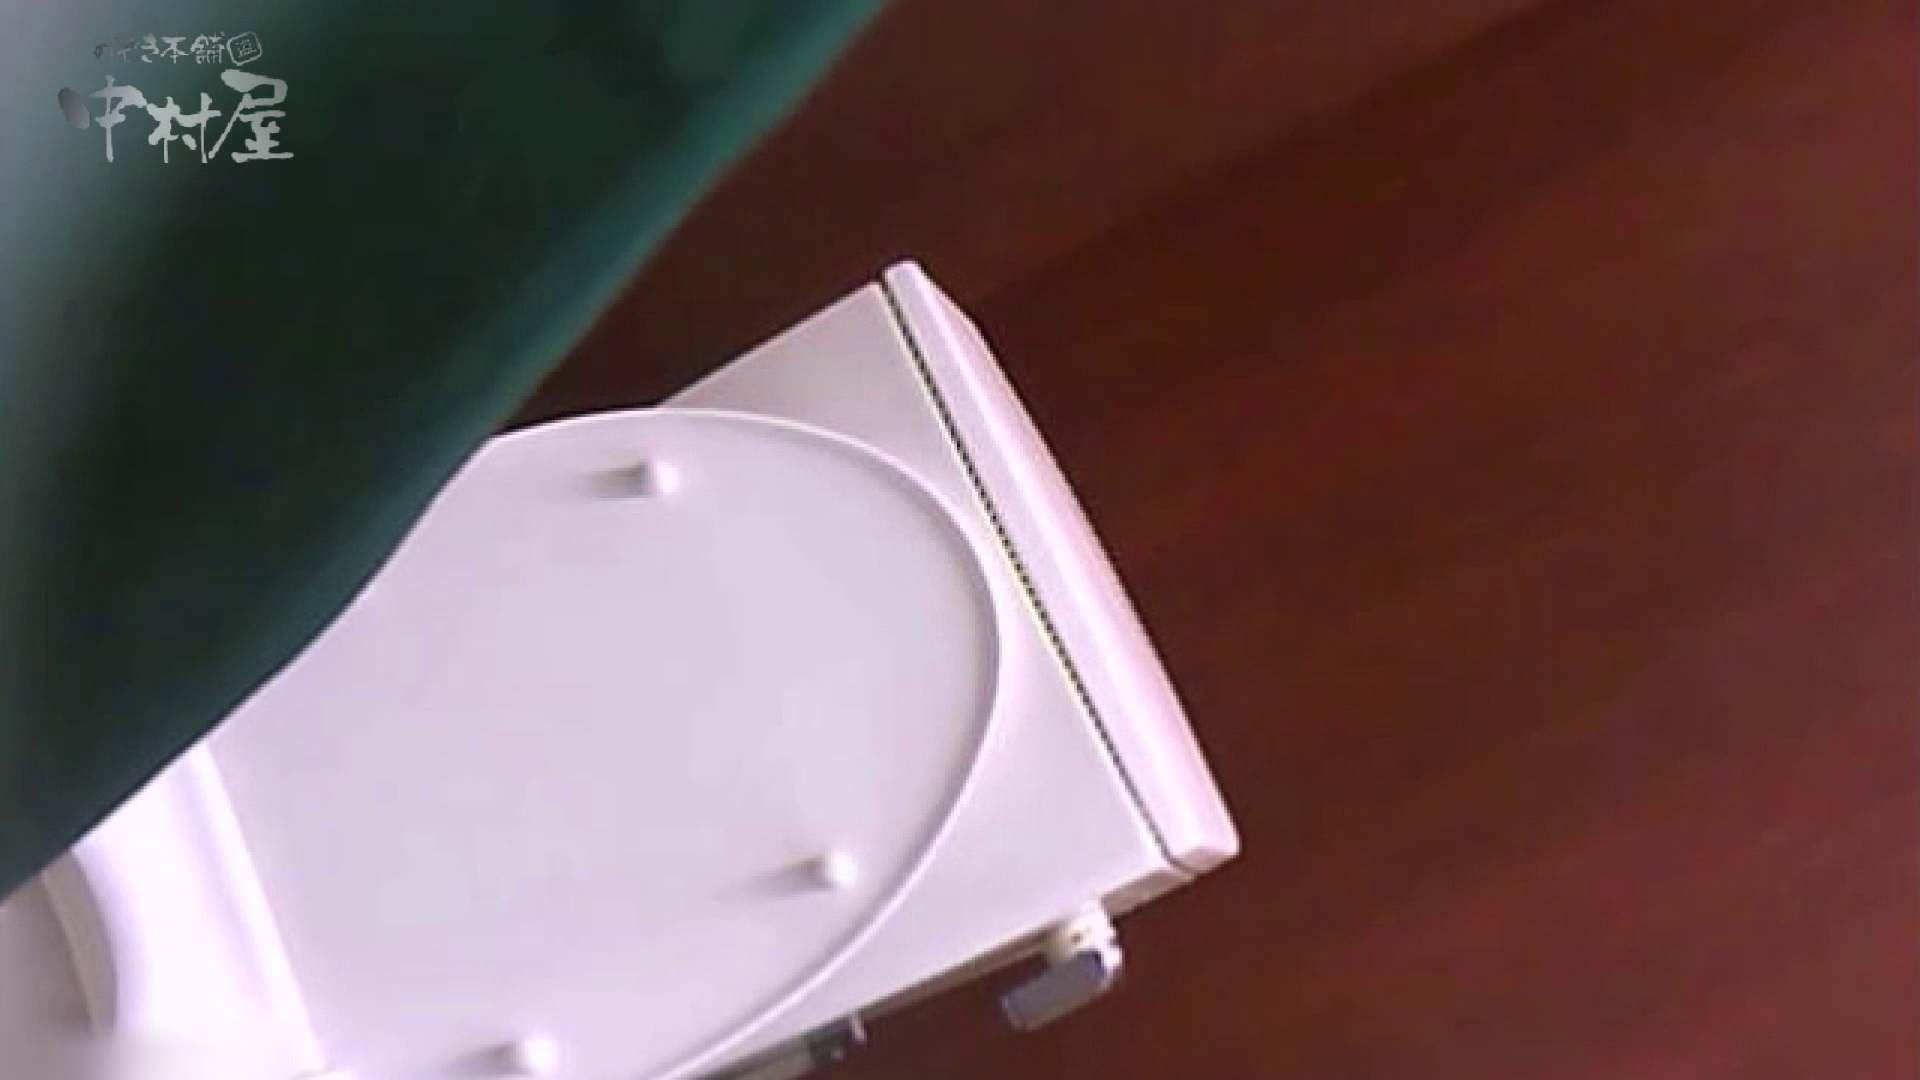 女子トイレ盗撮~某ファミレス編~vol.36 エッチな盗撮 AV動画キャプチャ 105pic 38